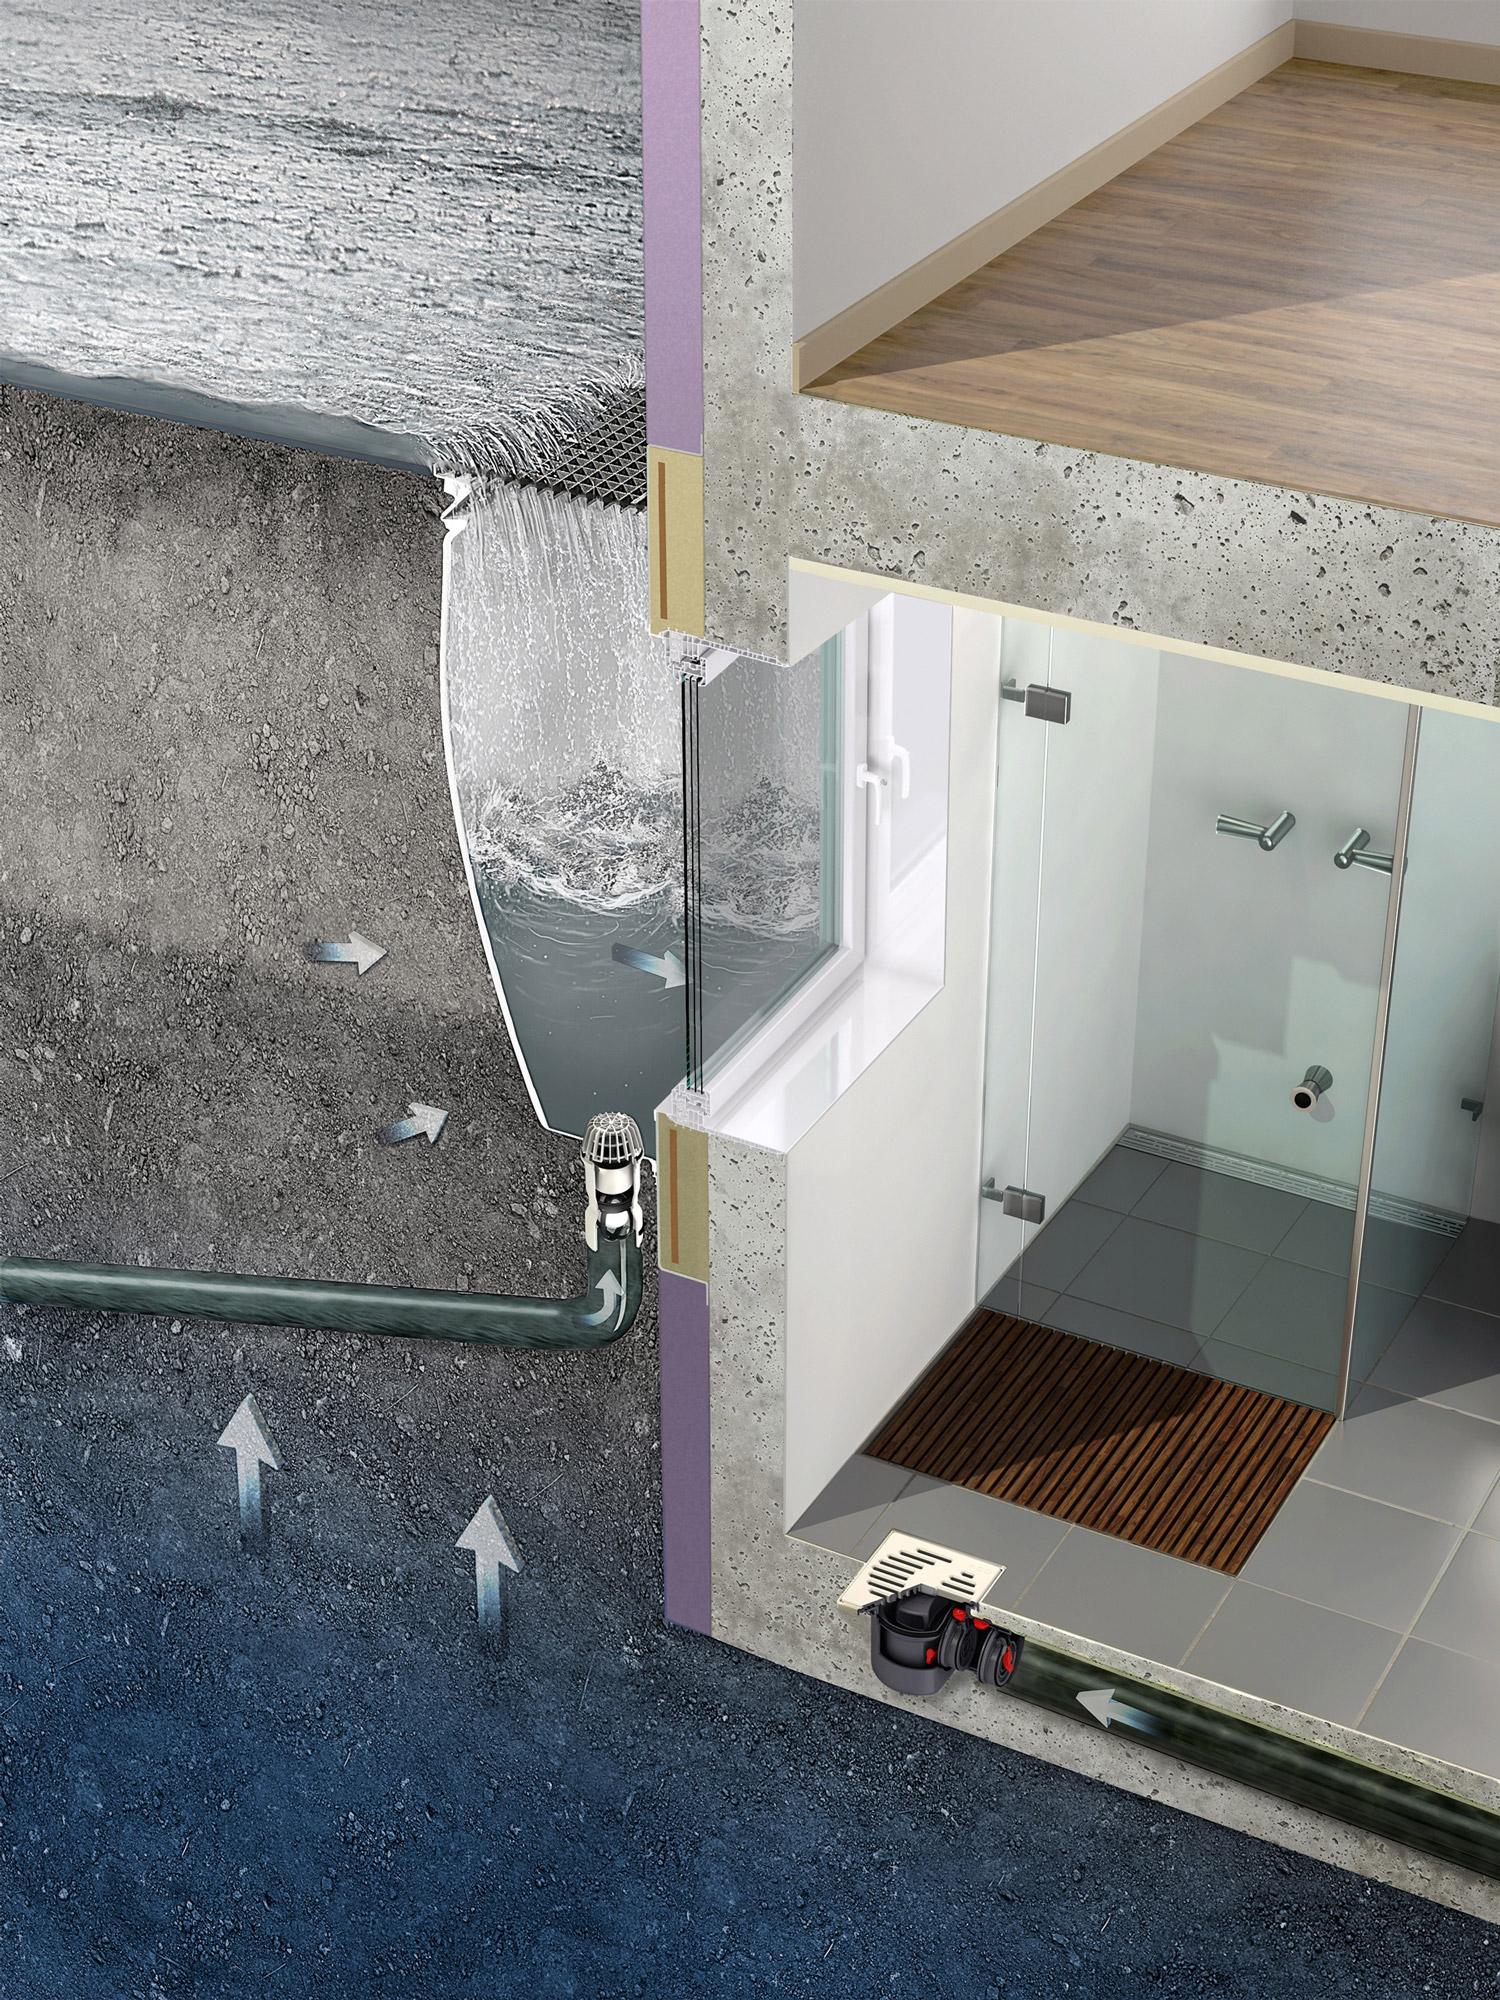 Berühmt Moderner Hochwasserschutz für den Keller SN62